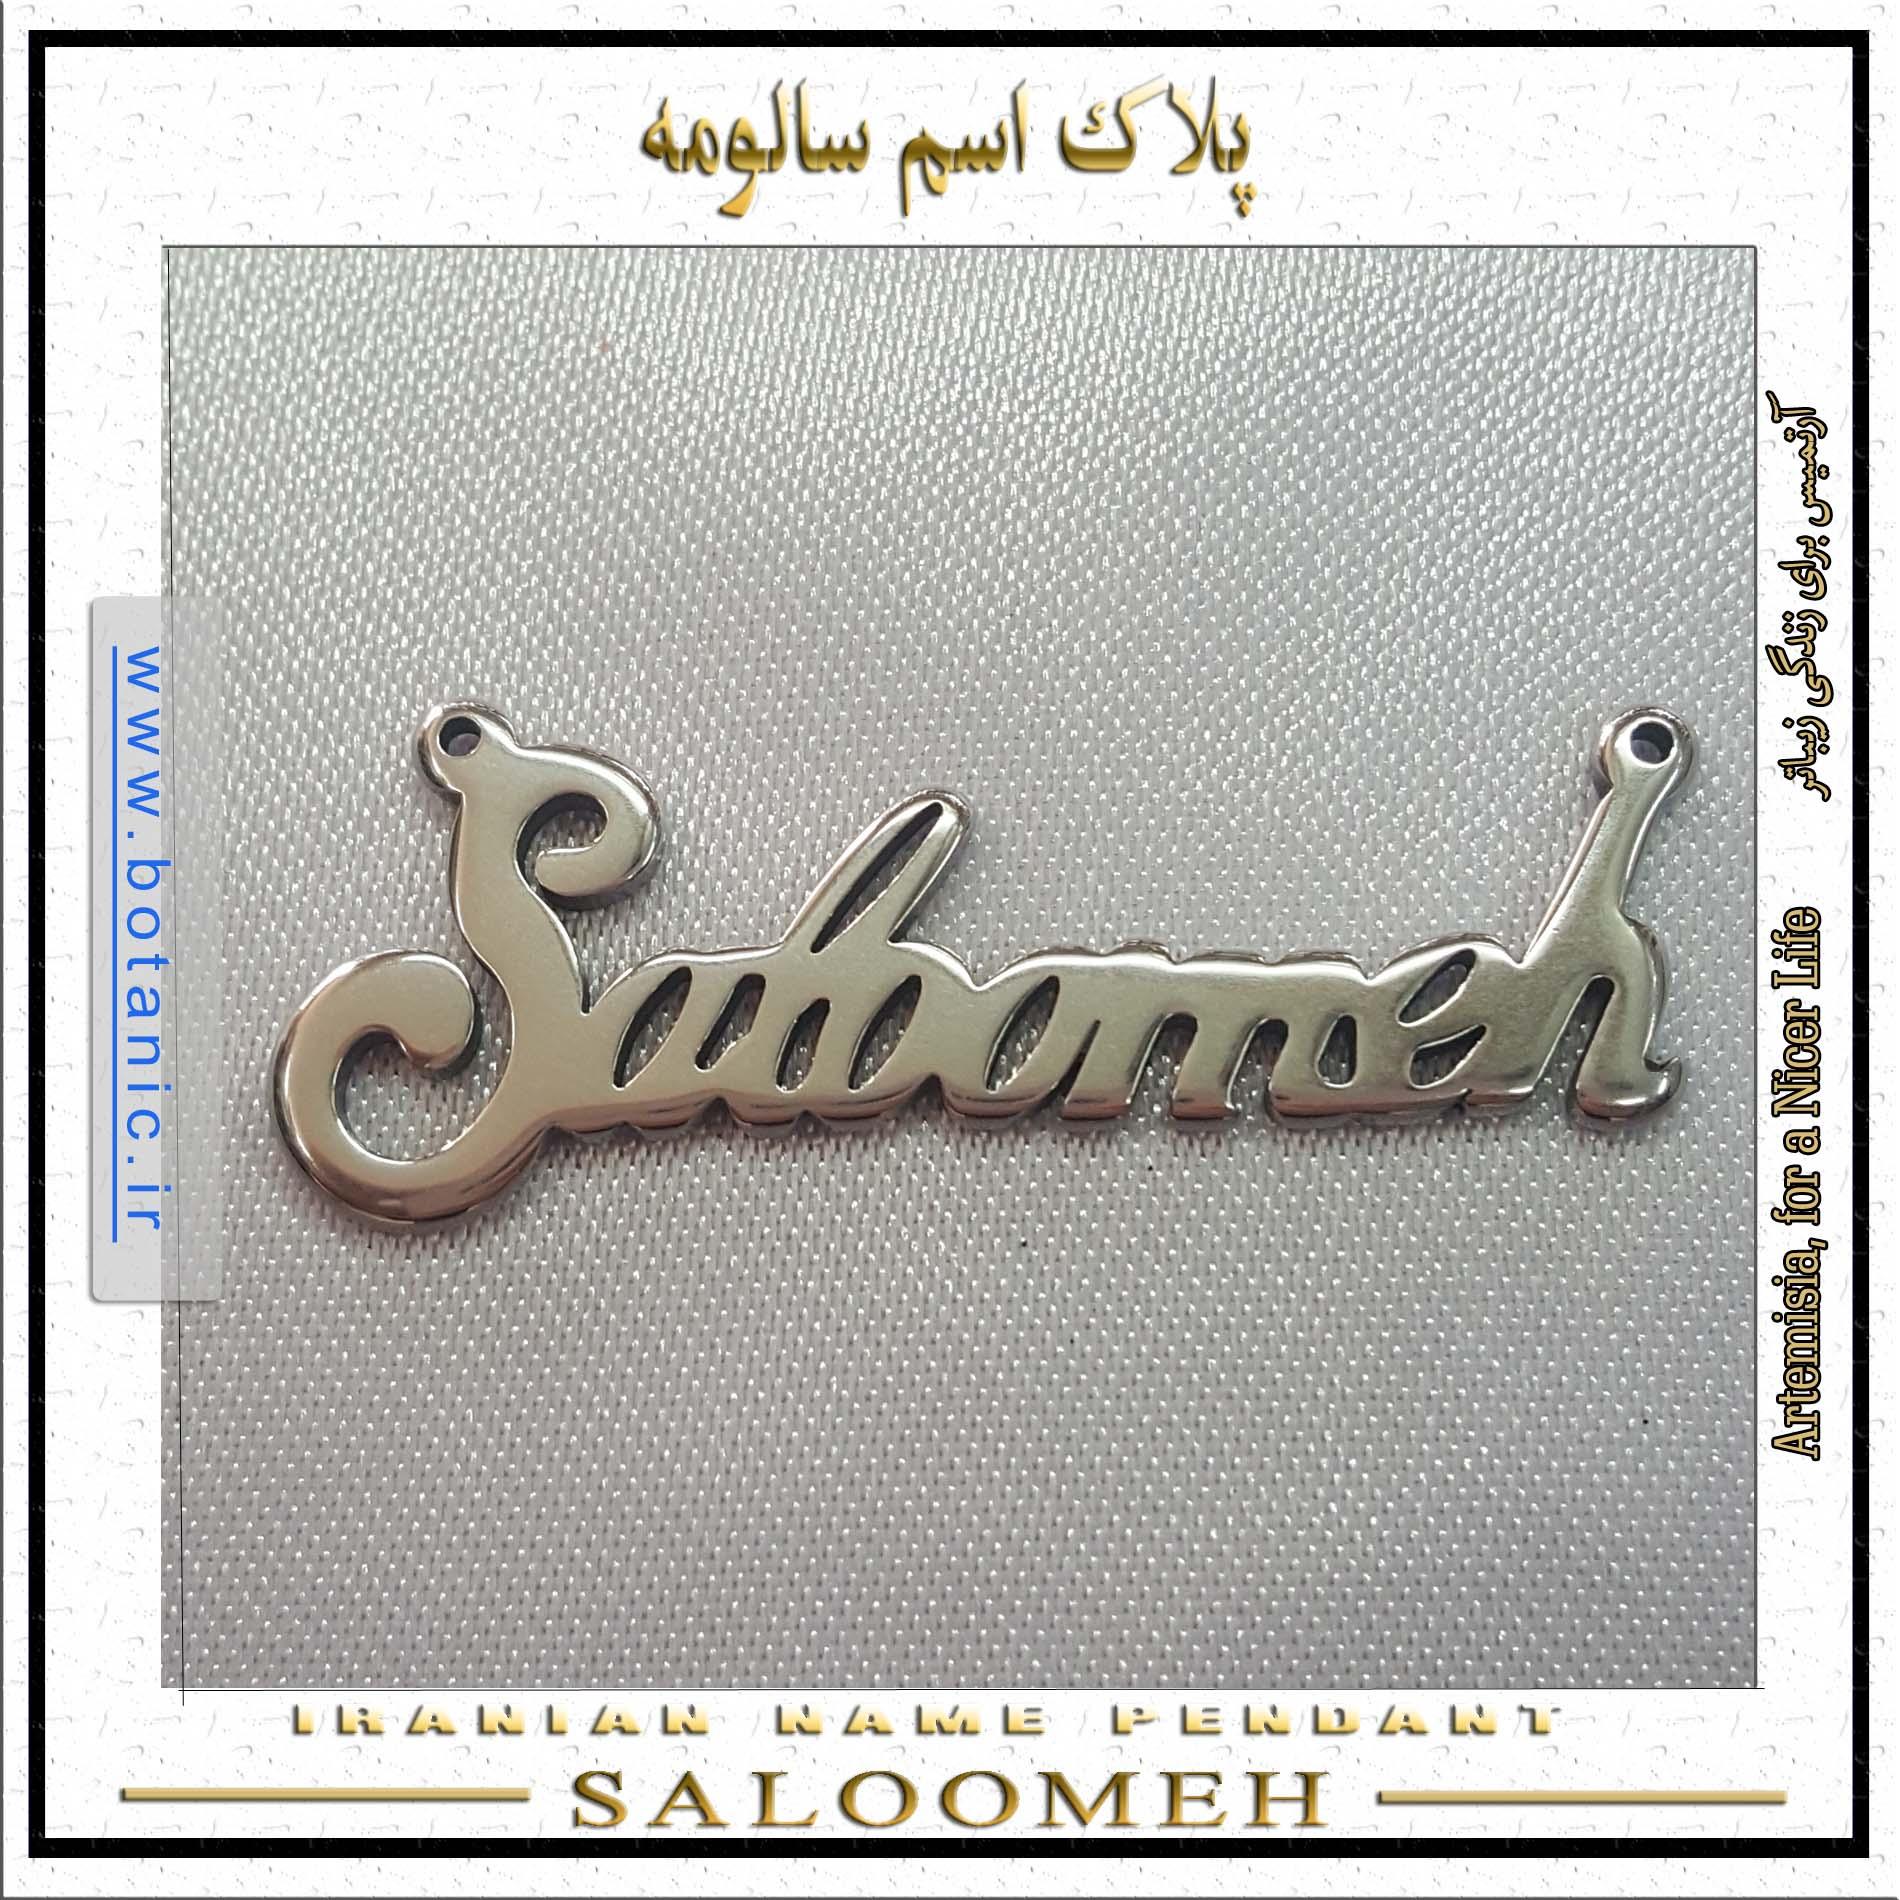 پلاک اسم سالومه